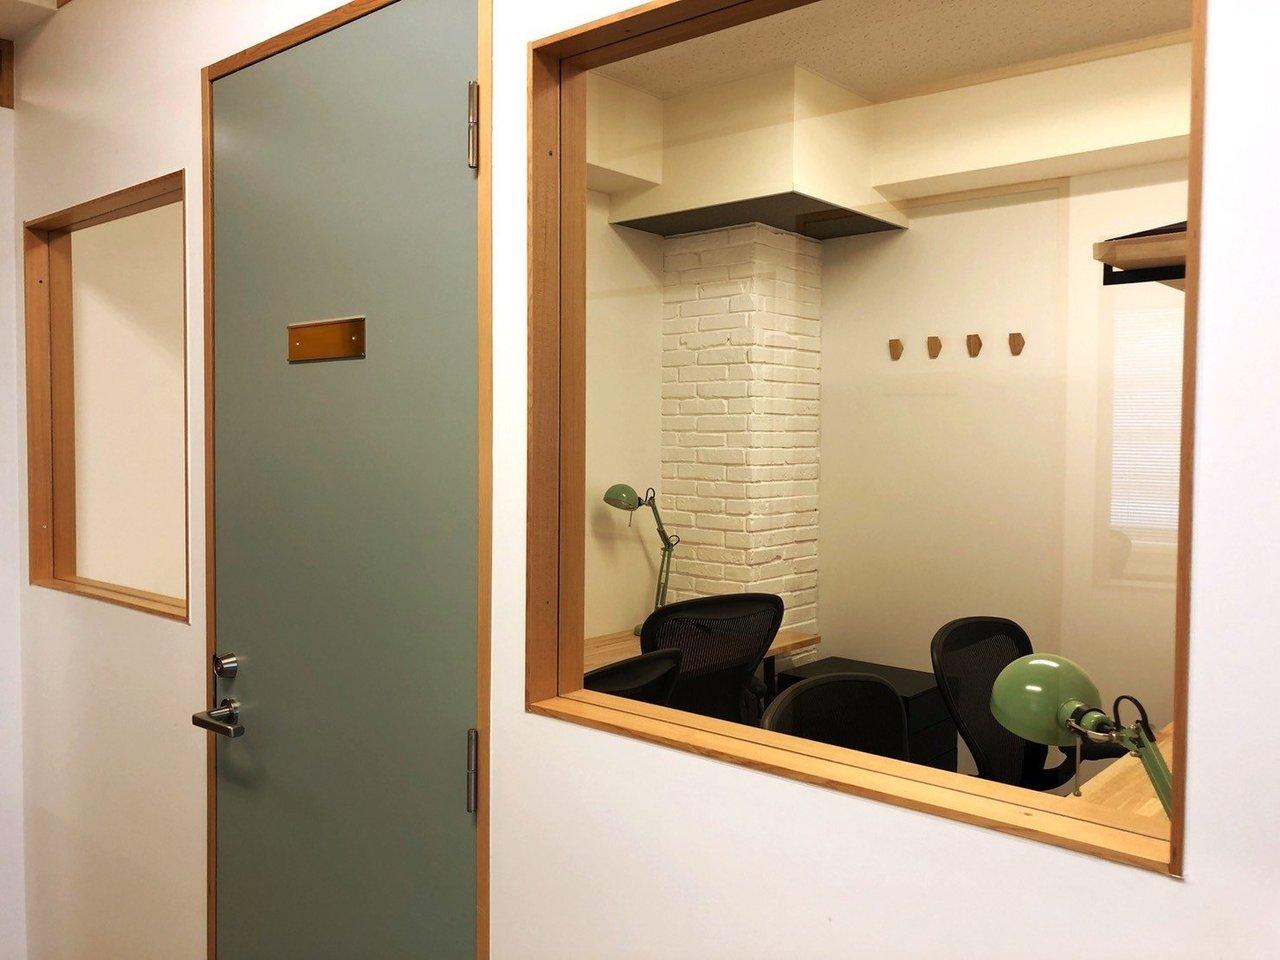 個室ブースには大きな窓。ドアをノックされても、すぐに誰か分かります。淡いブルーのドアが、ちょっとだけノスタルジックな印象です。